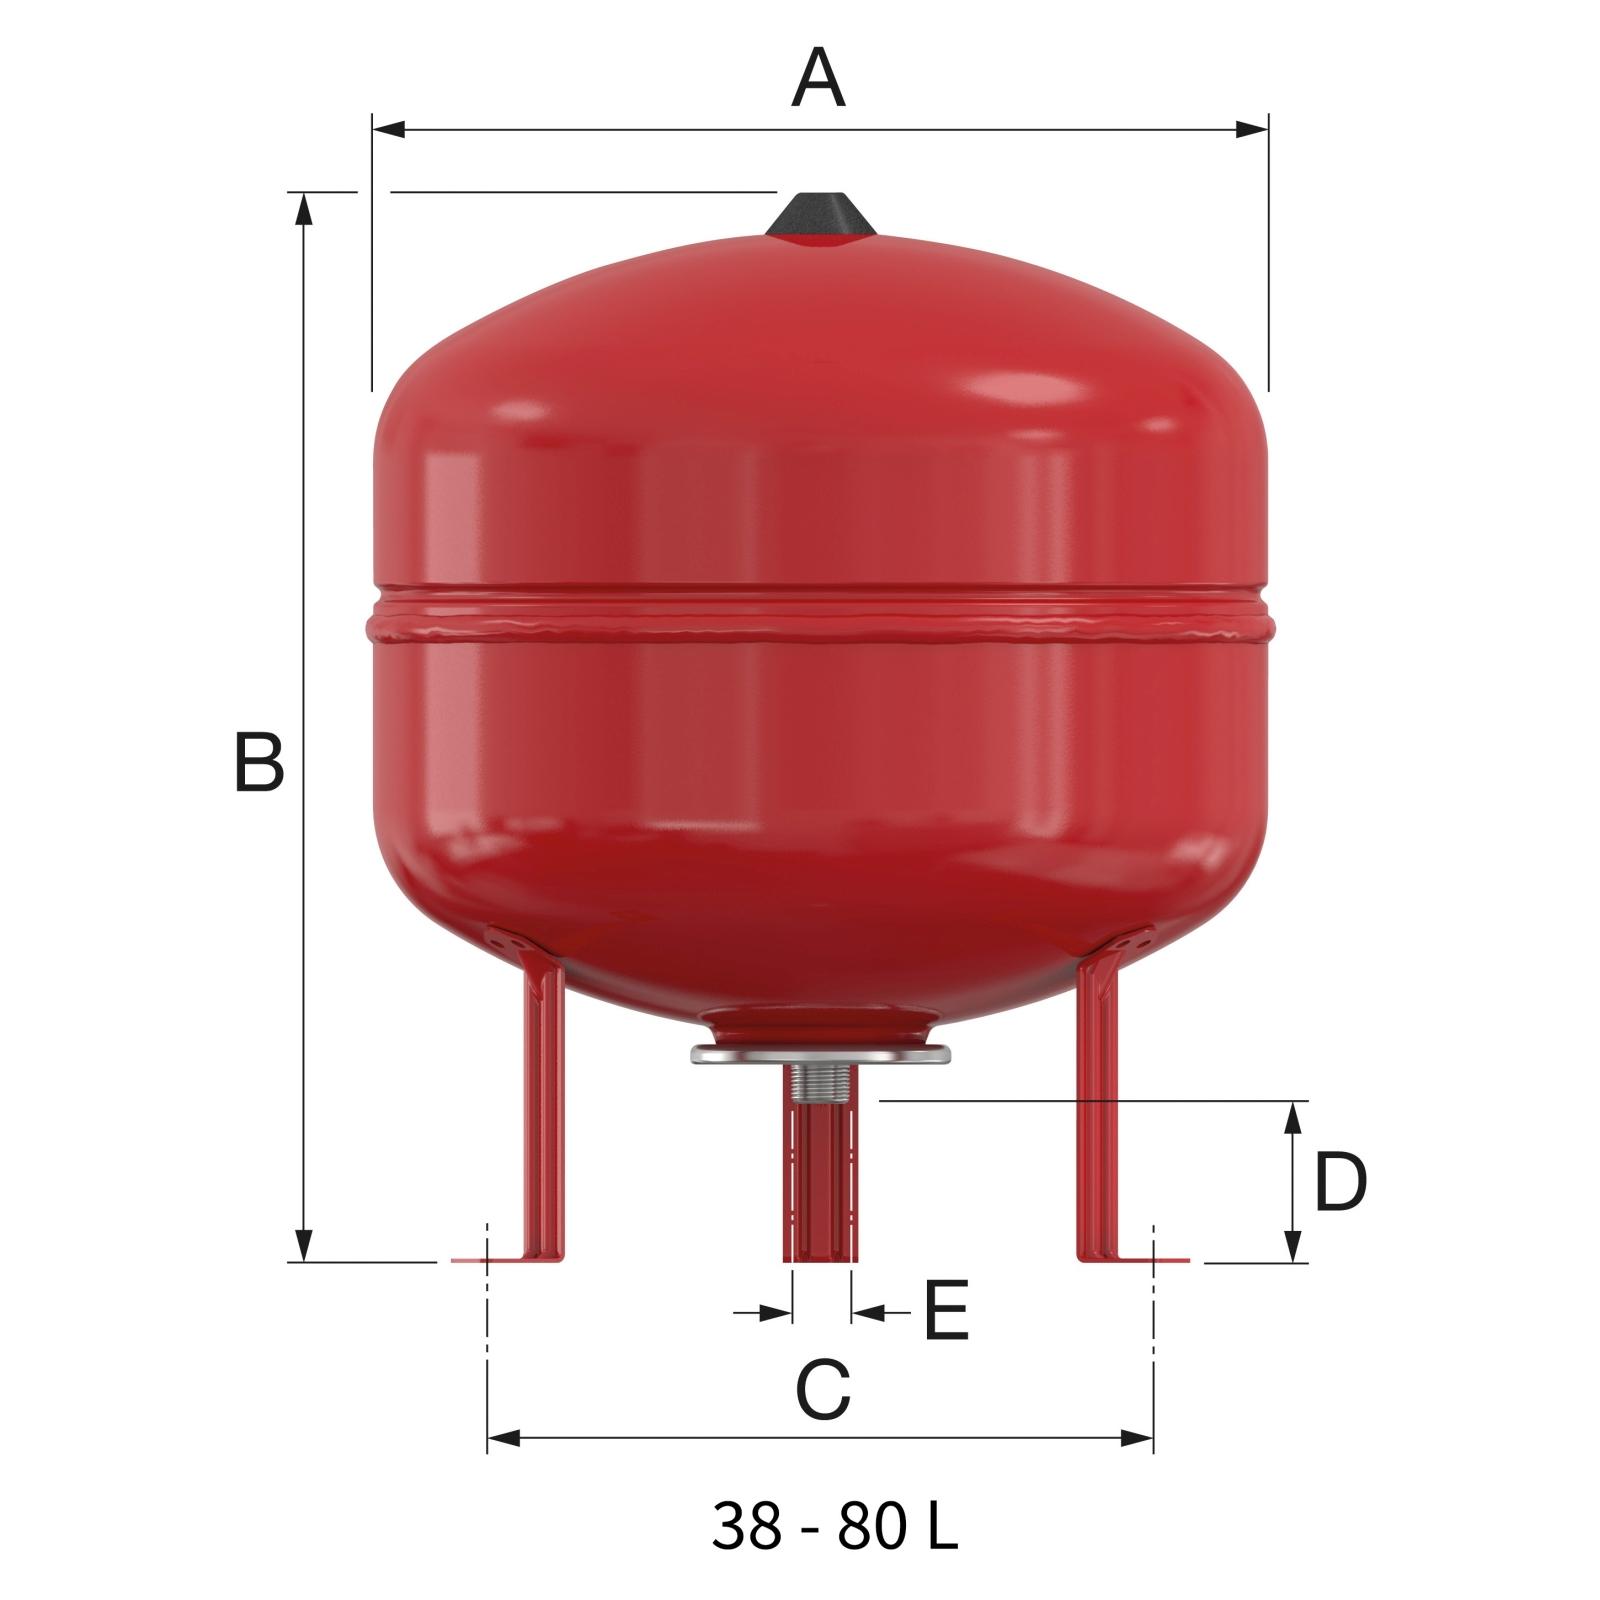 Flamco Baseflex fűtési tágulási tartály 35/1,5 bar álló (25305) műszaki ábra